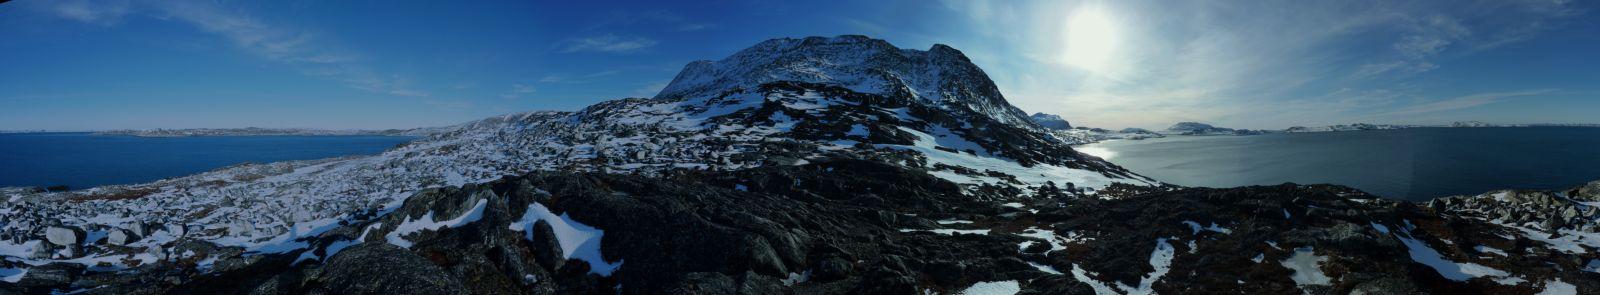 Panorama - Storemalene og Nuuk set fra Lillemalene